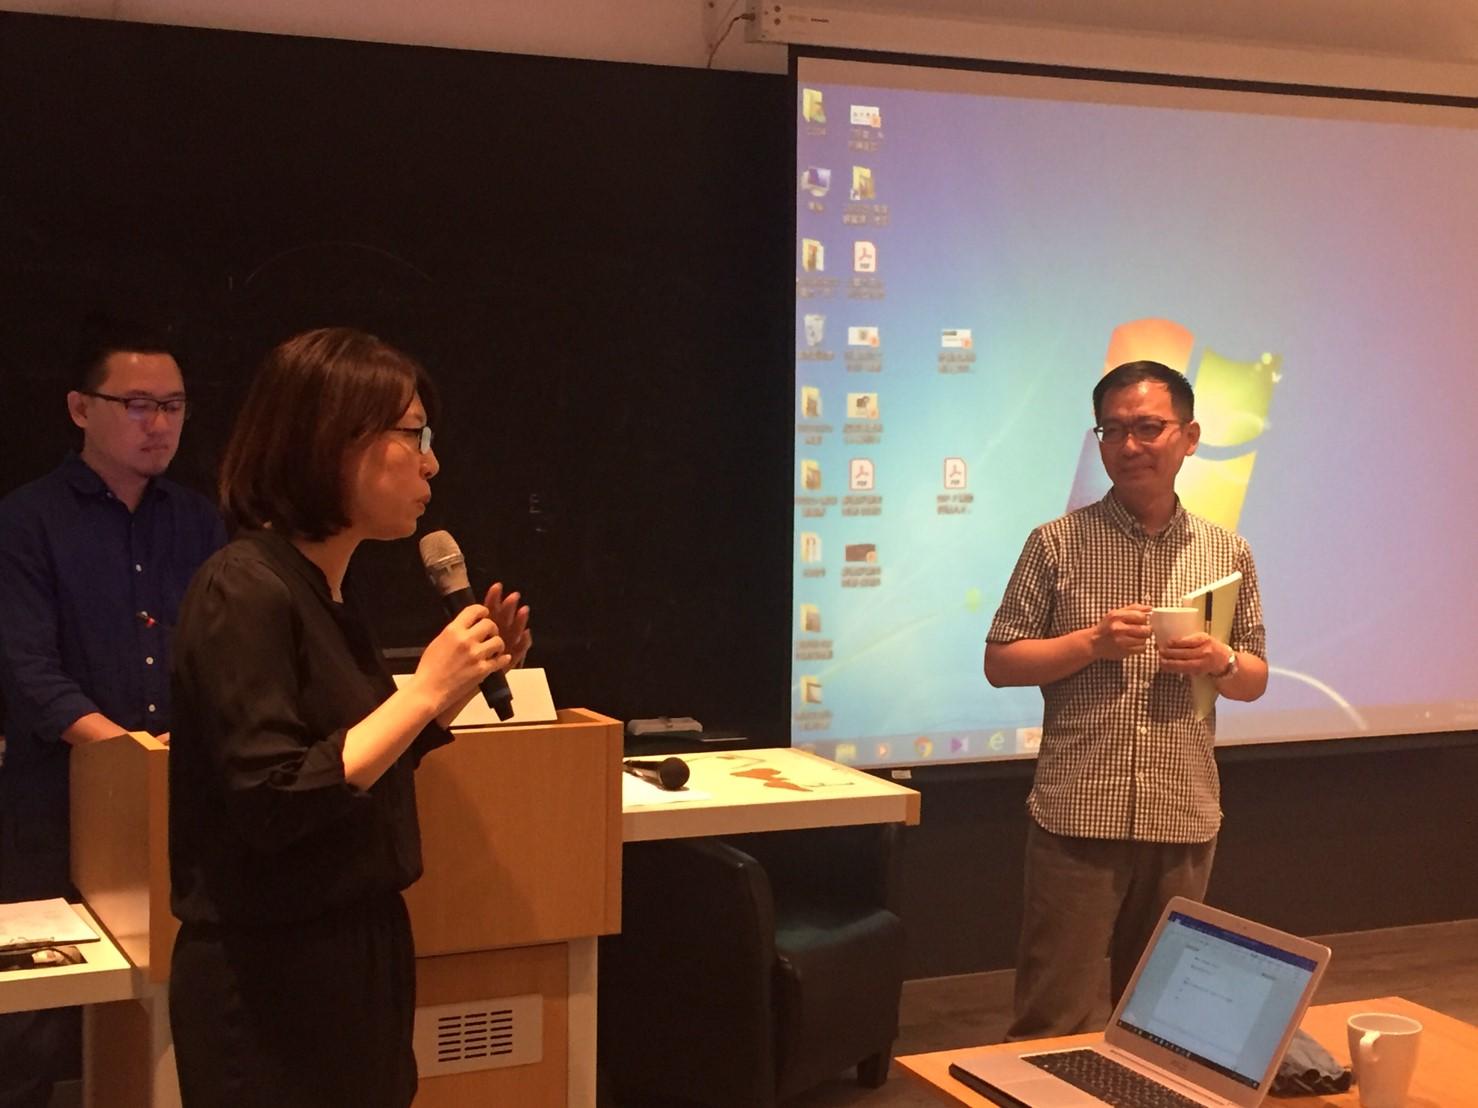 研發處特別感謝徐亞湘教授寶貴的經驗分享與回饋。